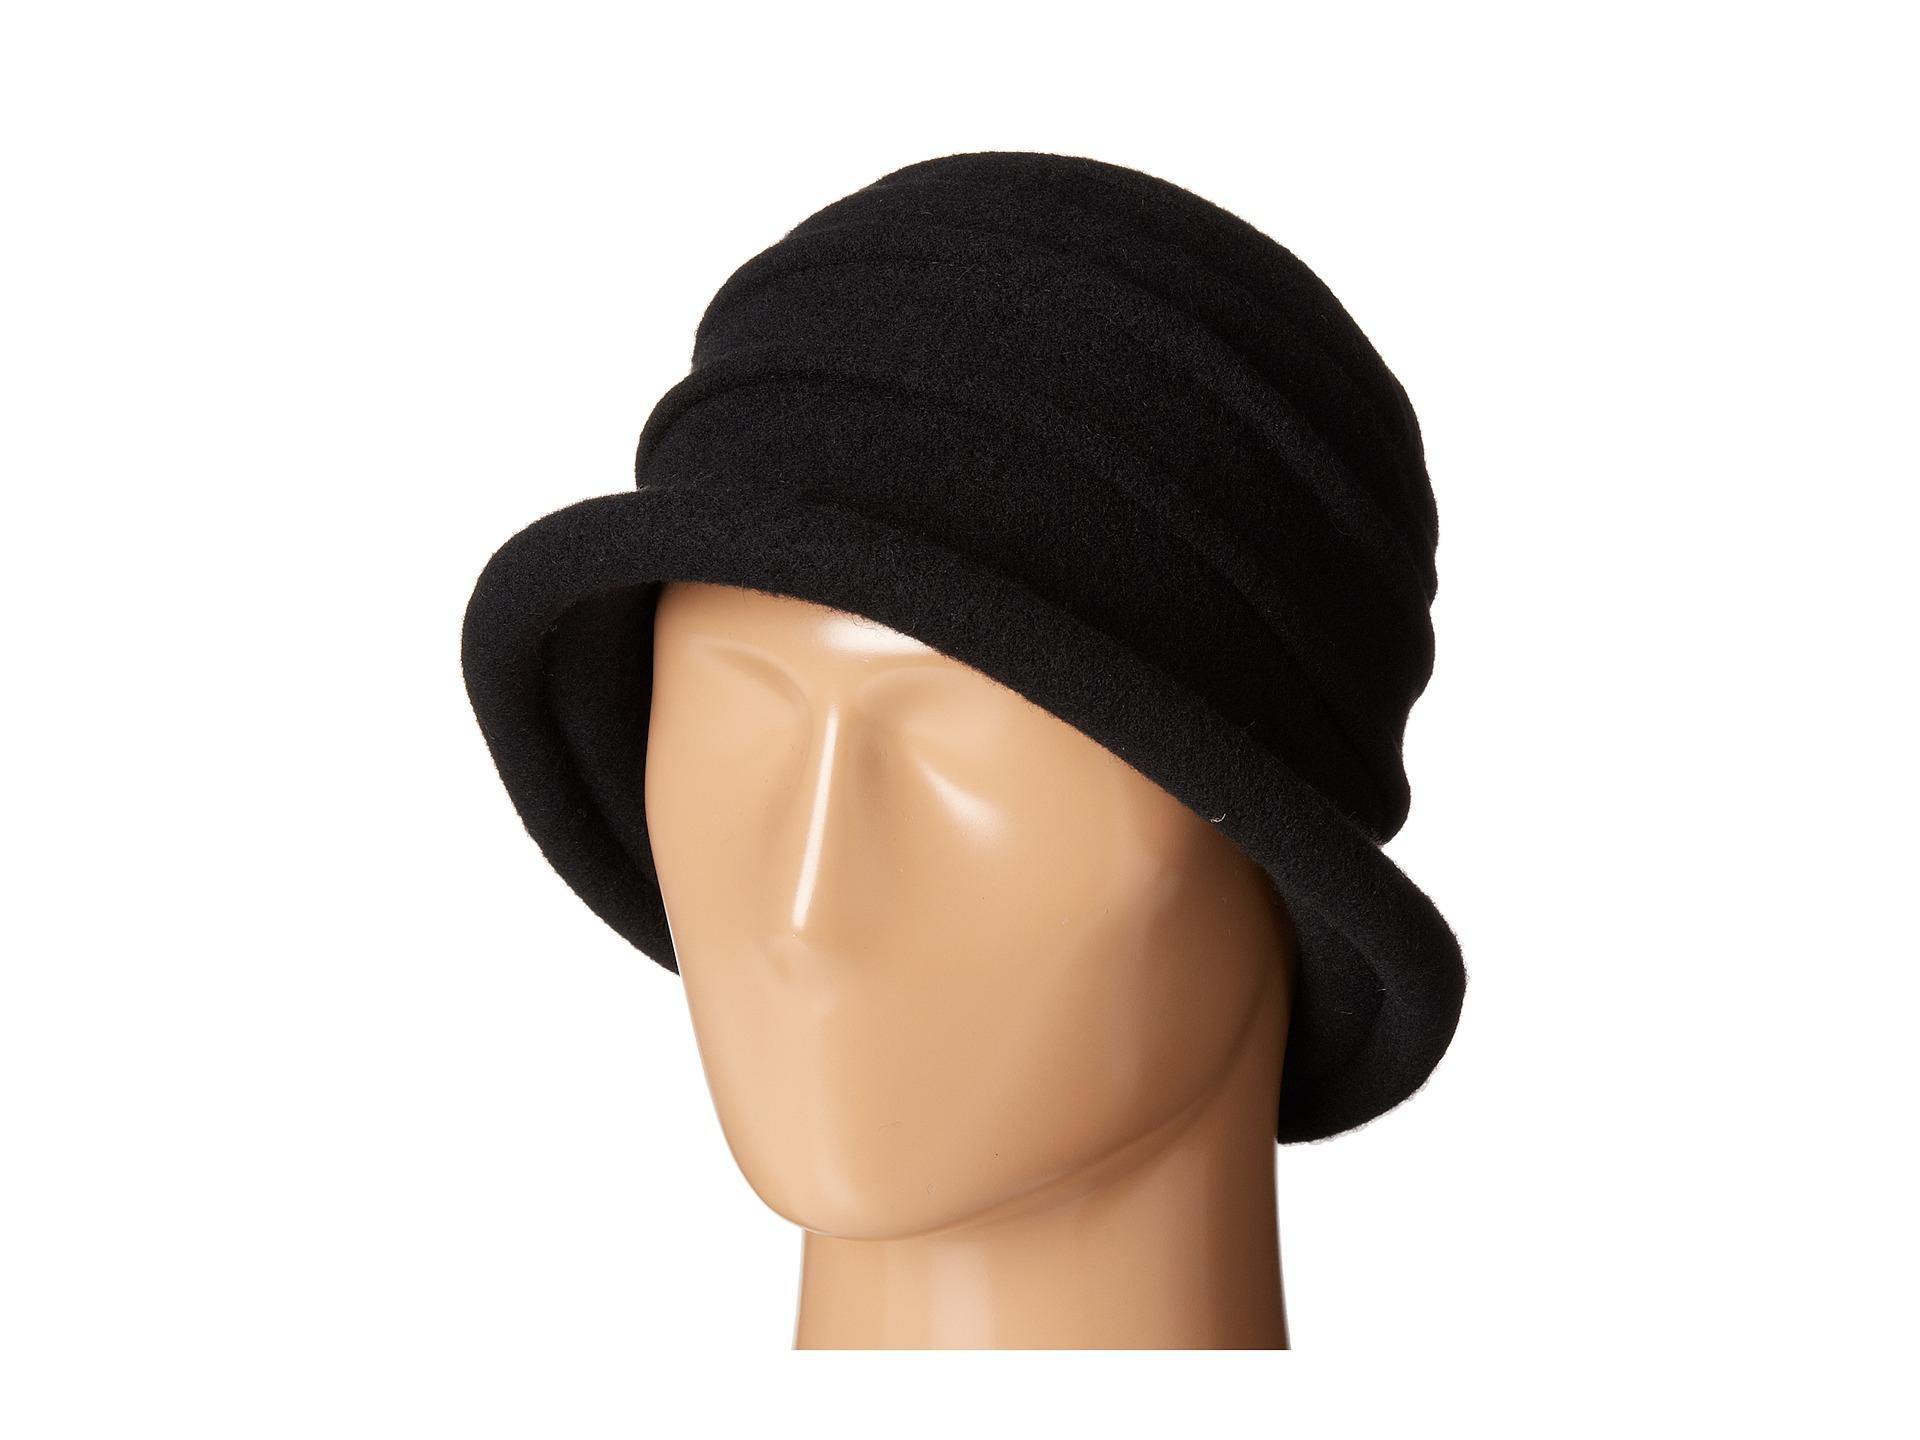 Lyst - Scala Packable Wool Felt Cloche in Black 36d948c77342